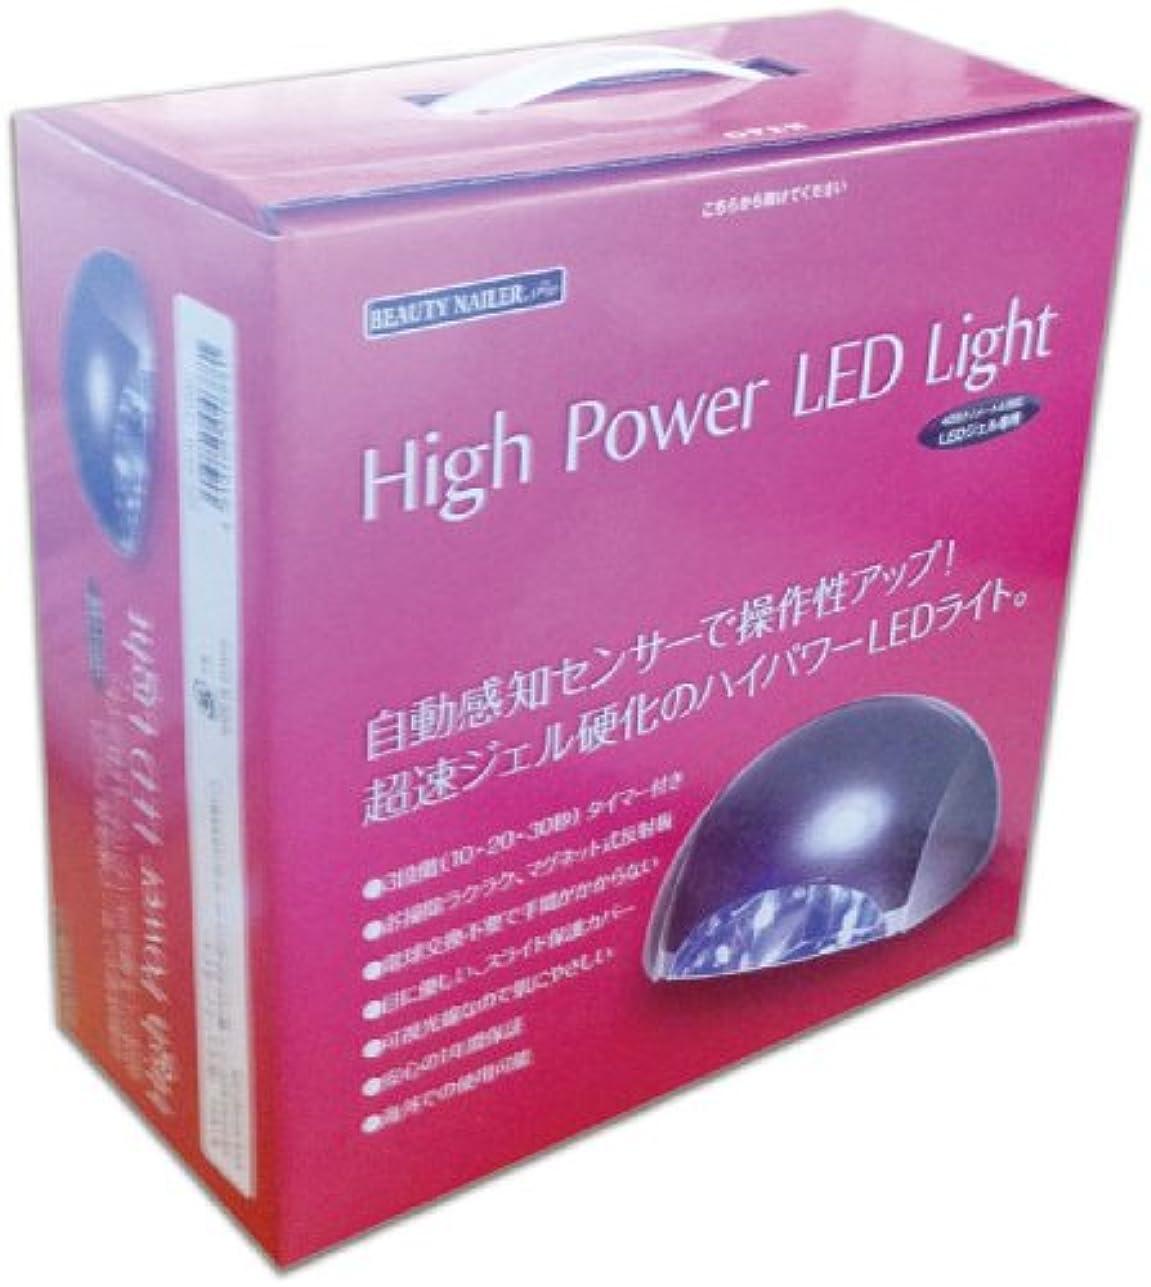 ガイドライン遠い緩むビューティーネイラー ハイパワーLEDライト HPL-40GB パールブラック